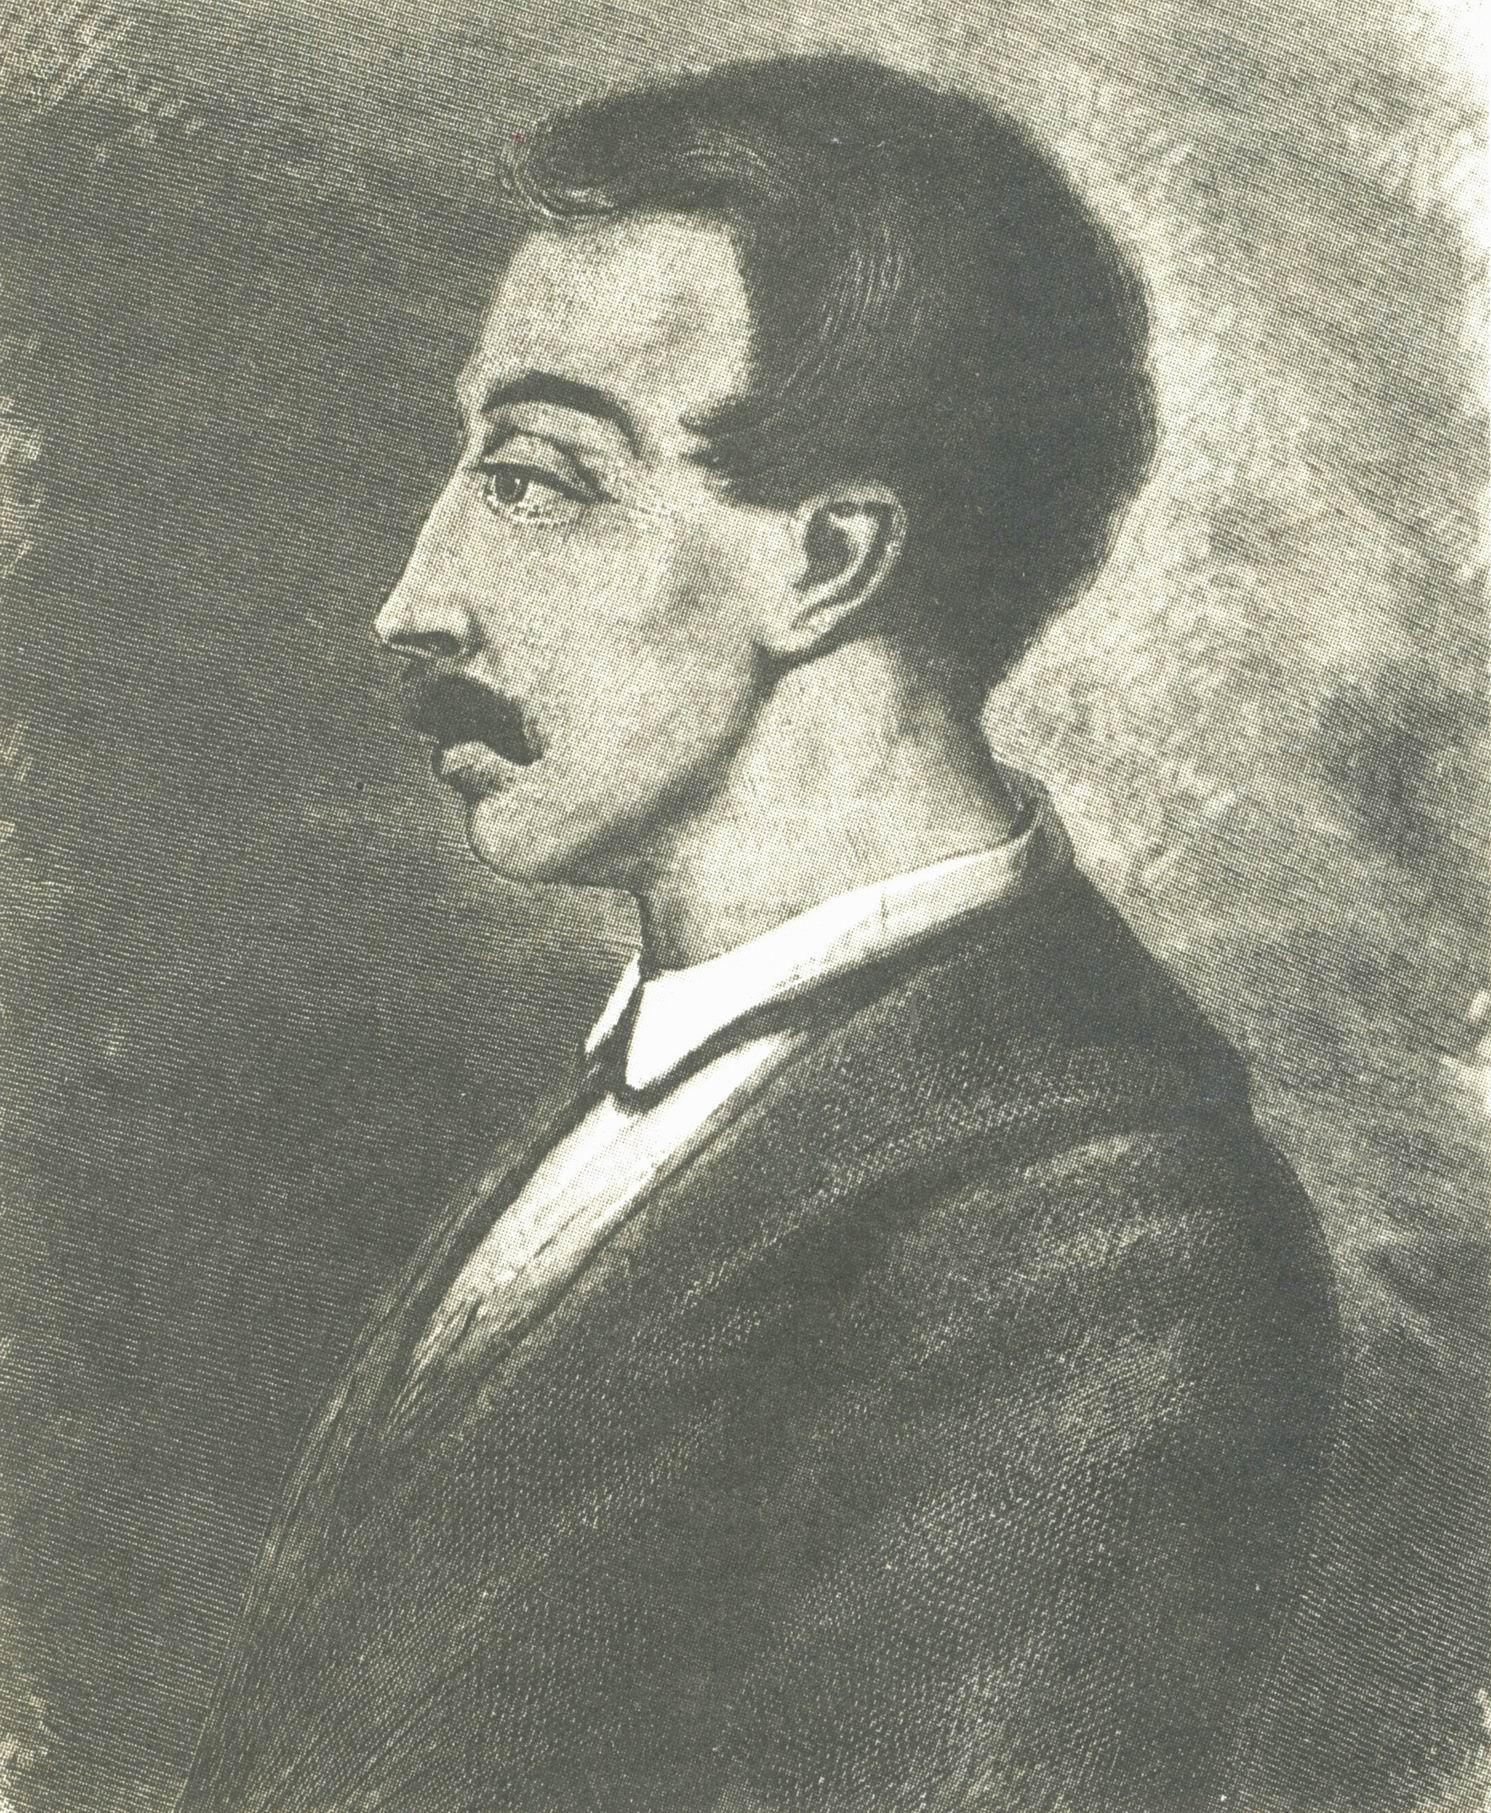 Доклад о друге пушкина кюхельбекер 1559